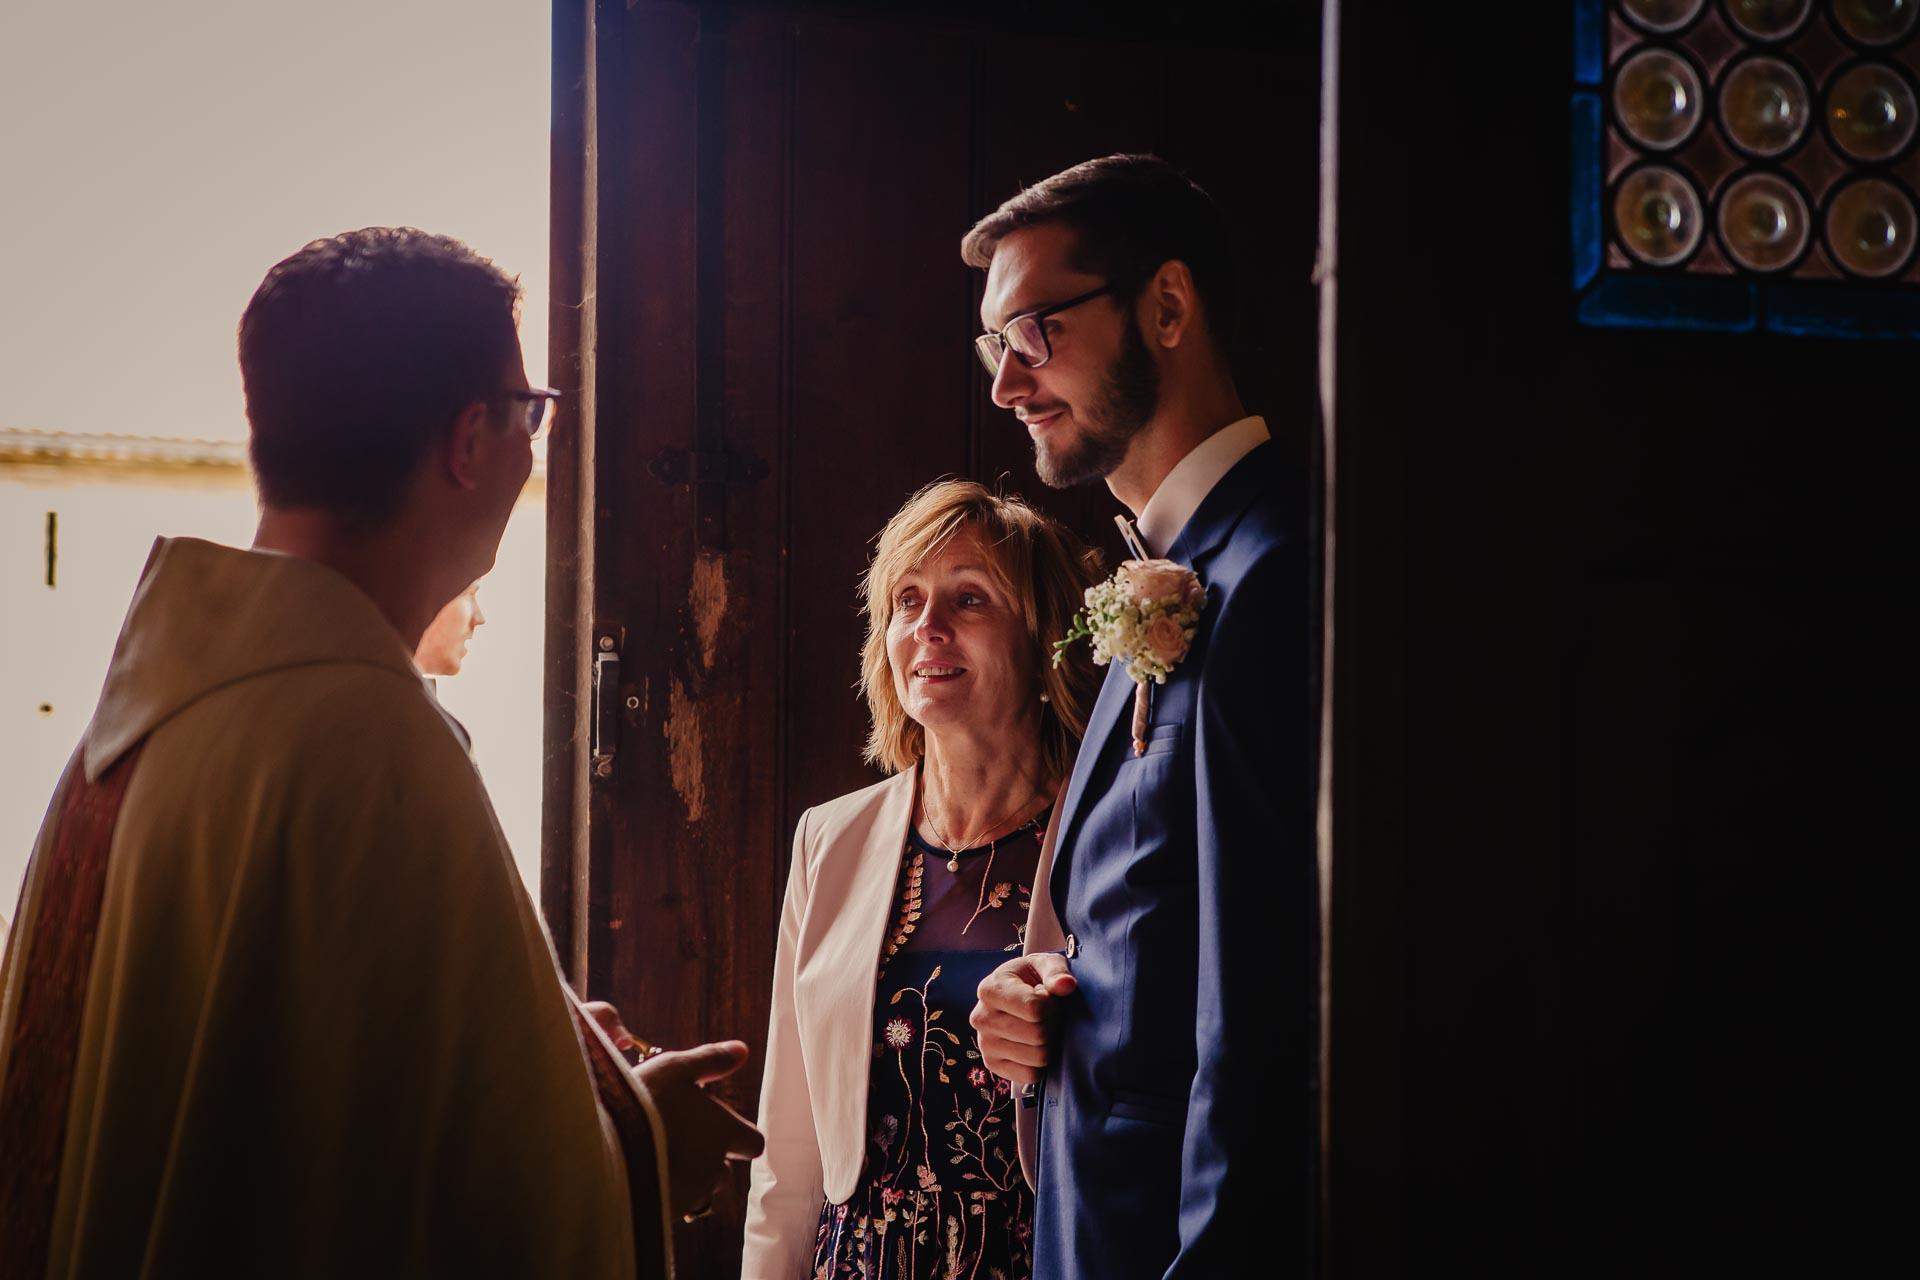 svatební fotograf Praha,svatba střední čechy, církevní obřad, svatba v kostele, nejhezčí svatební fotografie-2216